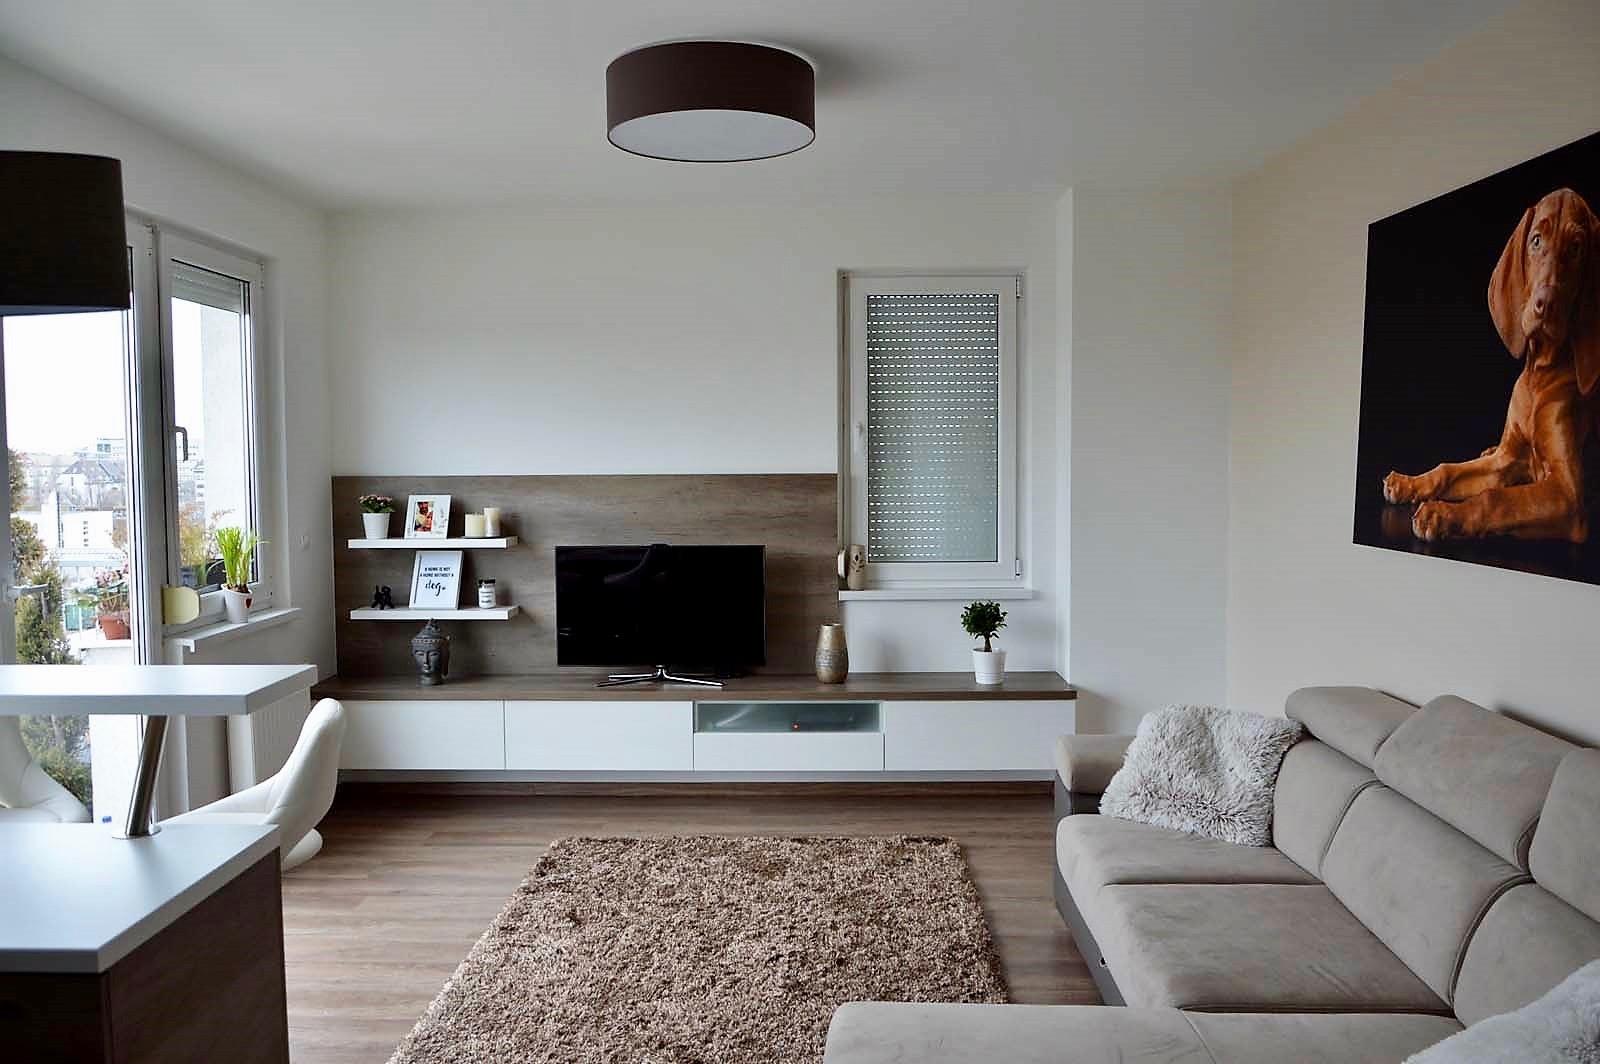 Egyedi-nappali-bútor-készítés-lebegő-kivitelbe-fiókokkal-konyhabútorral-egy-légtérbe